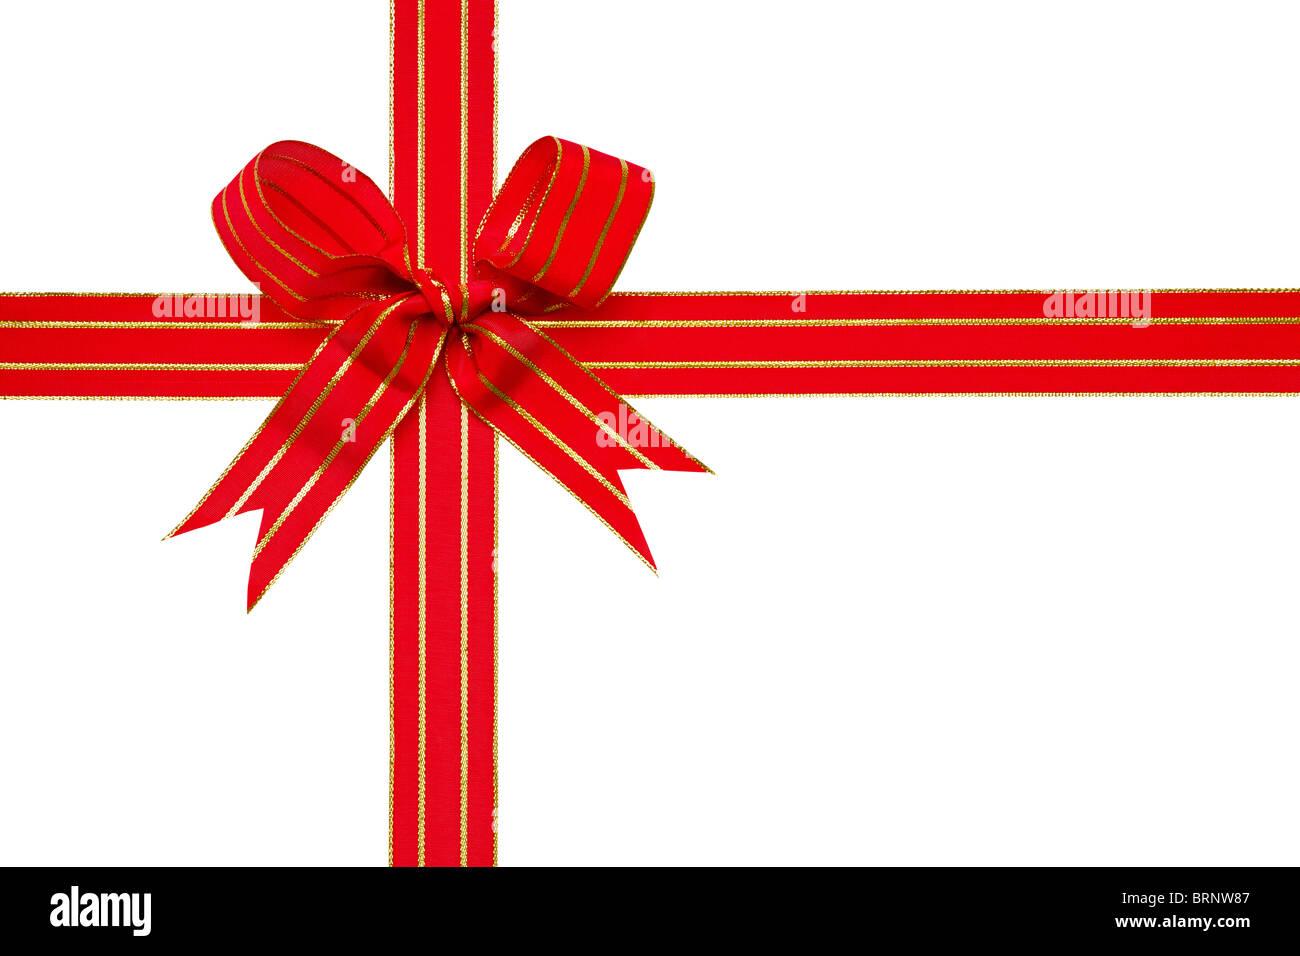 Foto de un rojo y oro lazo atado en un arco aislado en un fondo blanco con trazado de recorte, ideal para temas Imagen De Stock